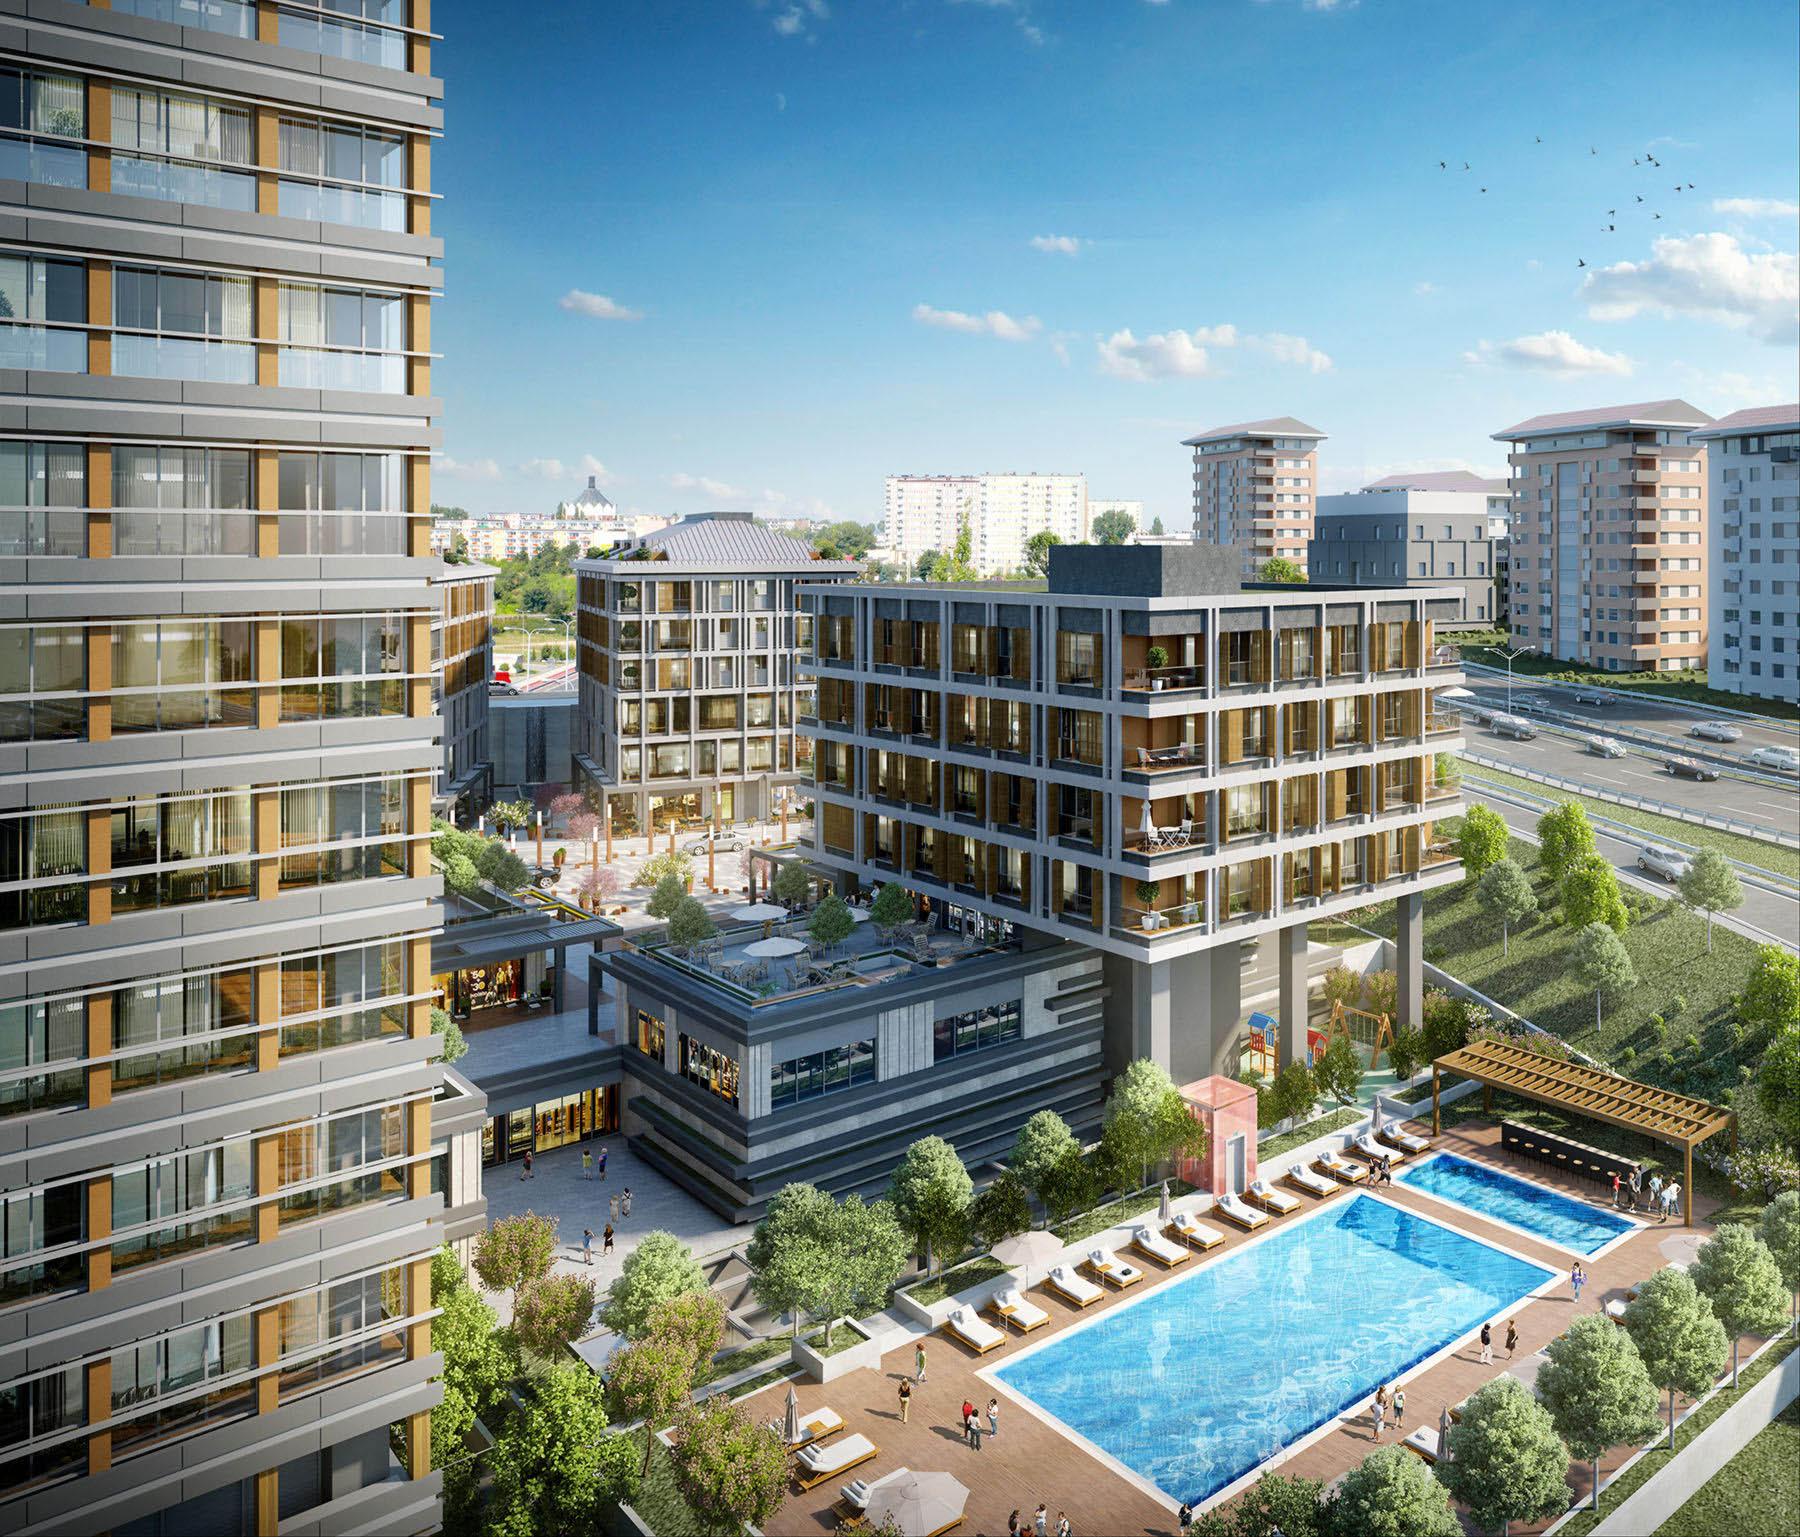 «Умные» квартиры в новом жилом комплексе Стамбула - Фото 10